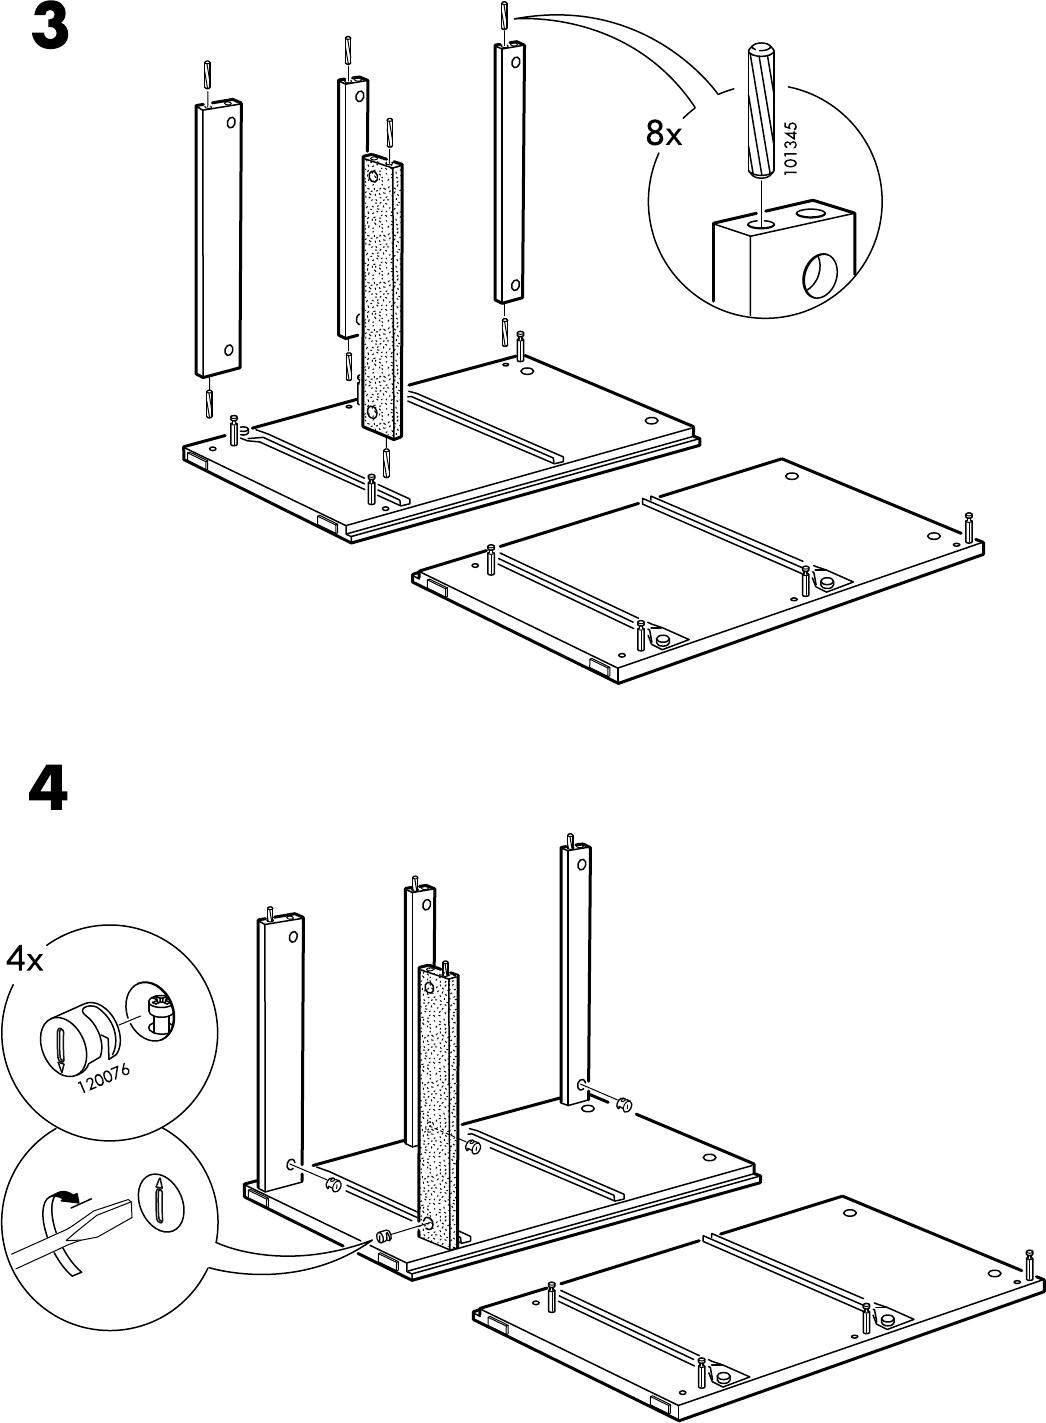 Ikea Malm Ladekast Handleiding.Handleiding Ikea Malm Ladekast 2 Lades Pagina 5 Van 16